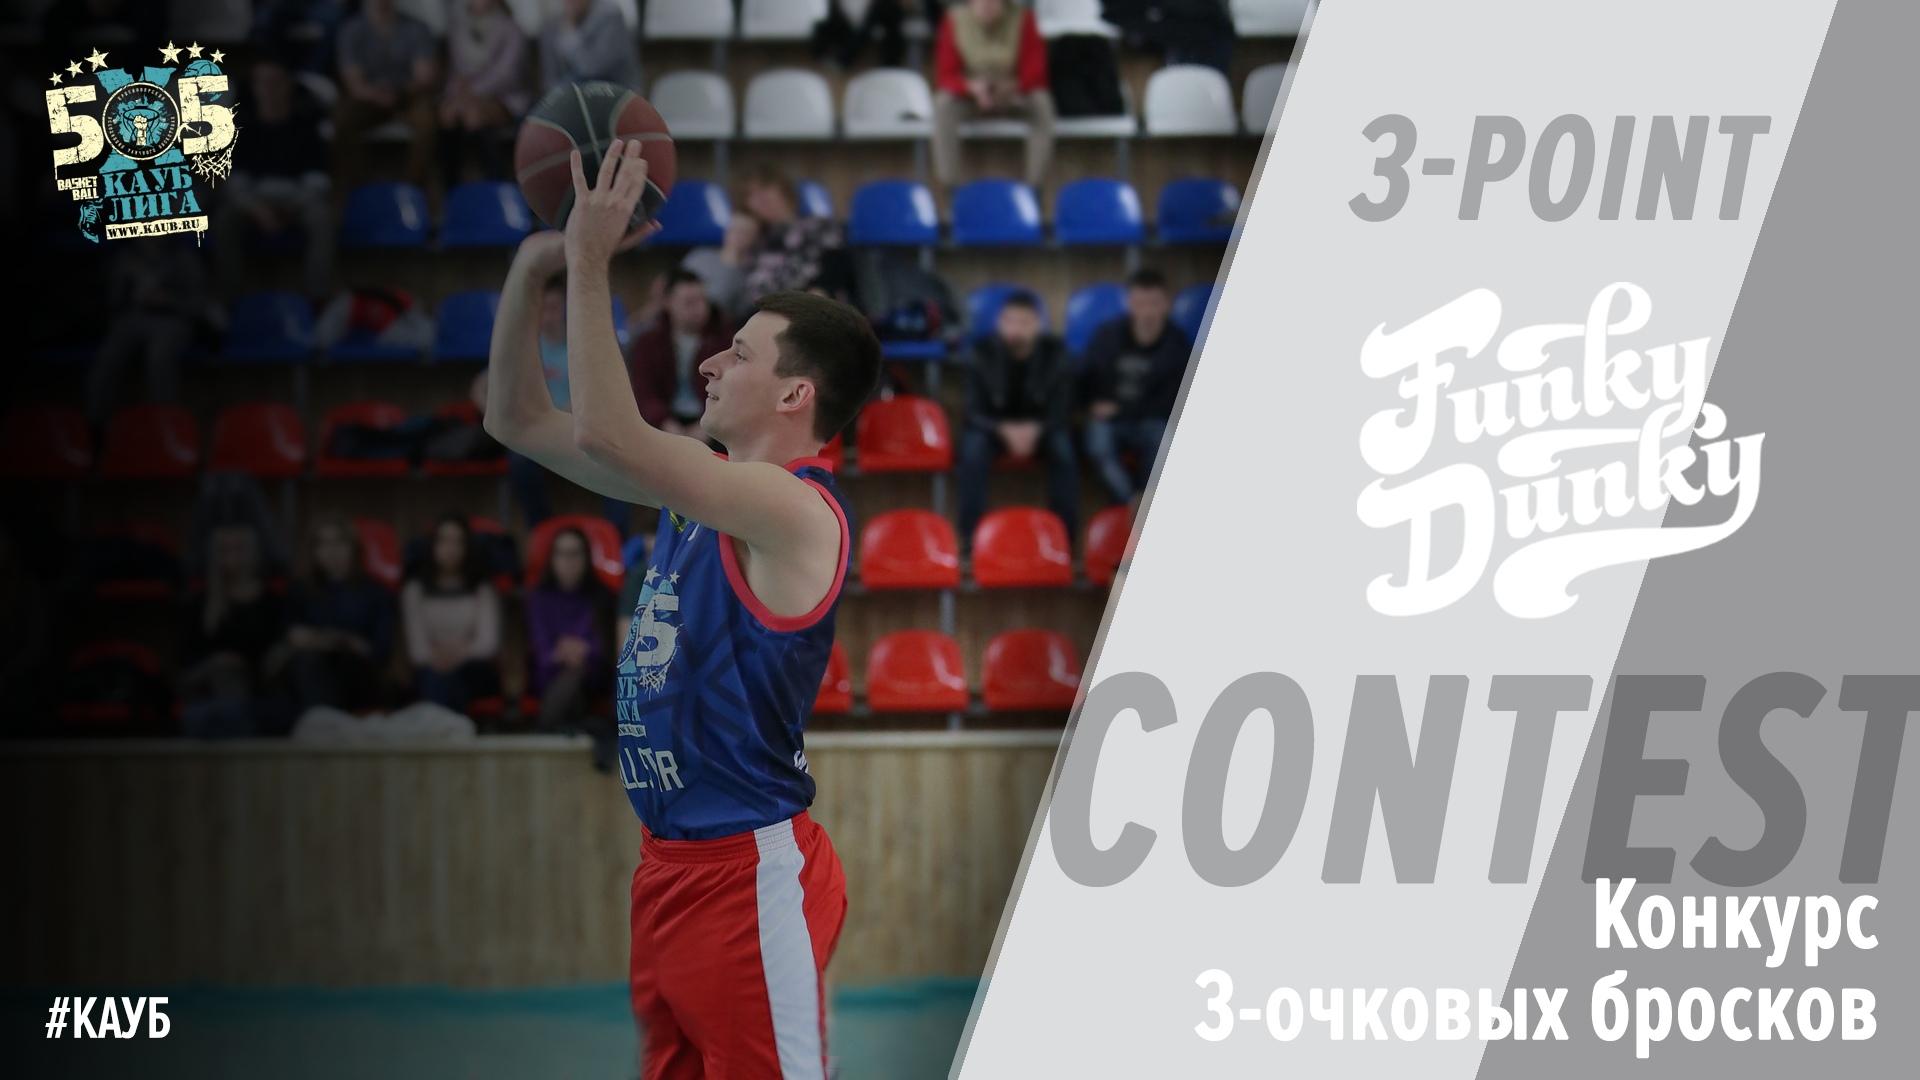 Лига КАУБ 5х5 конкурс 3-очковых бросков